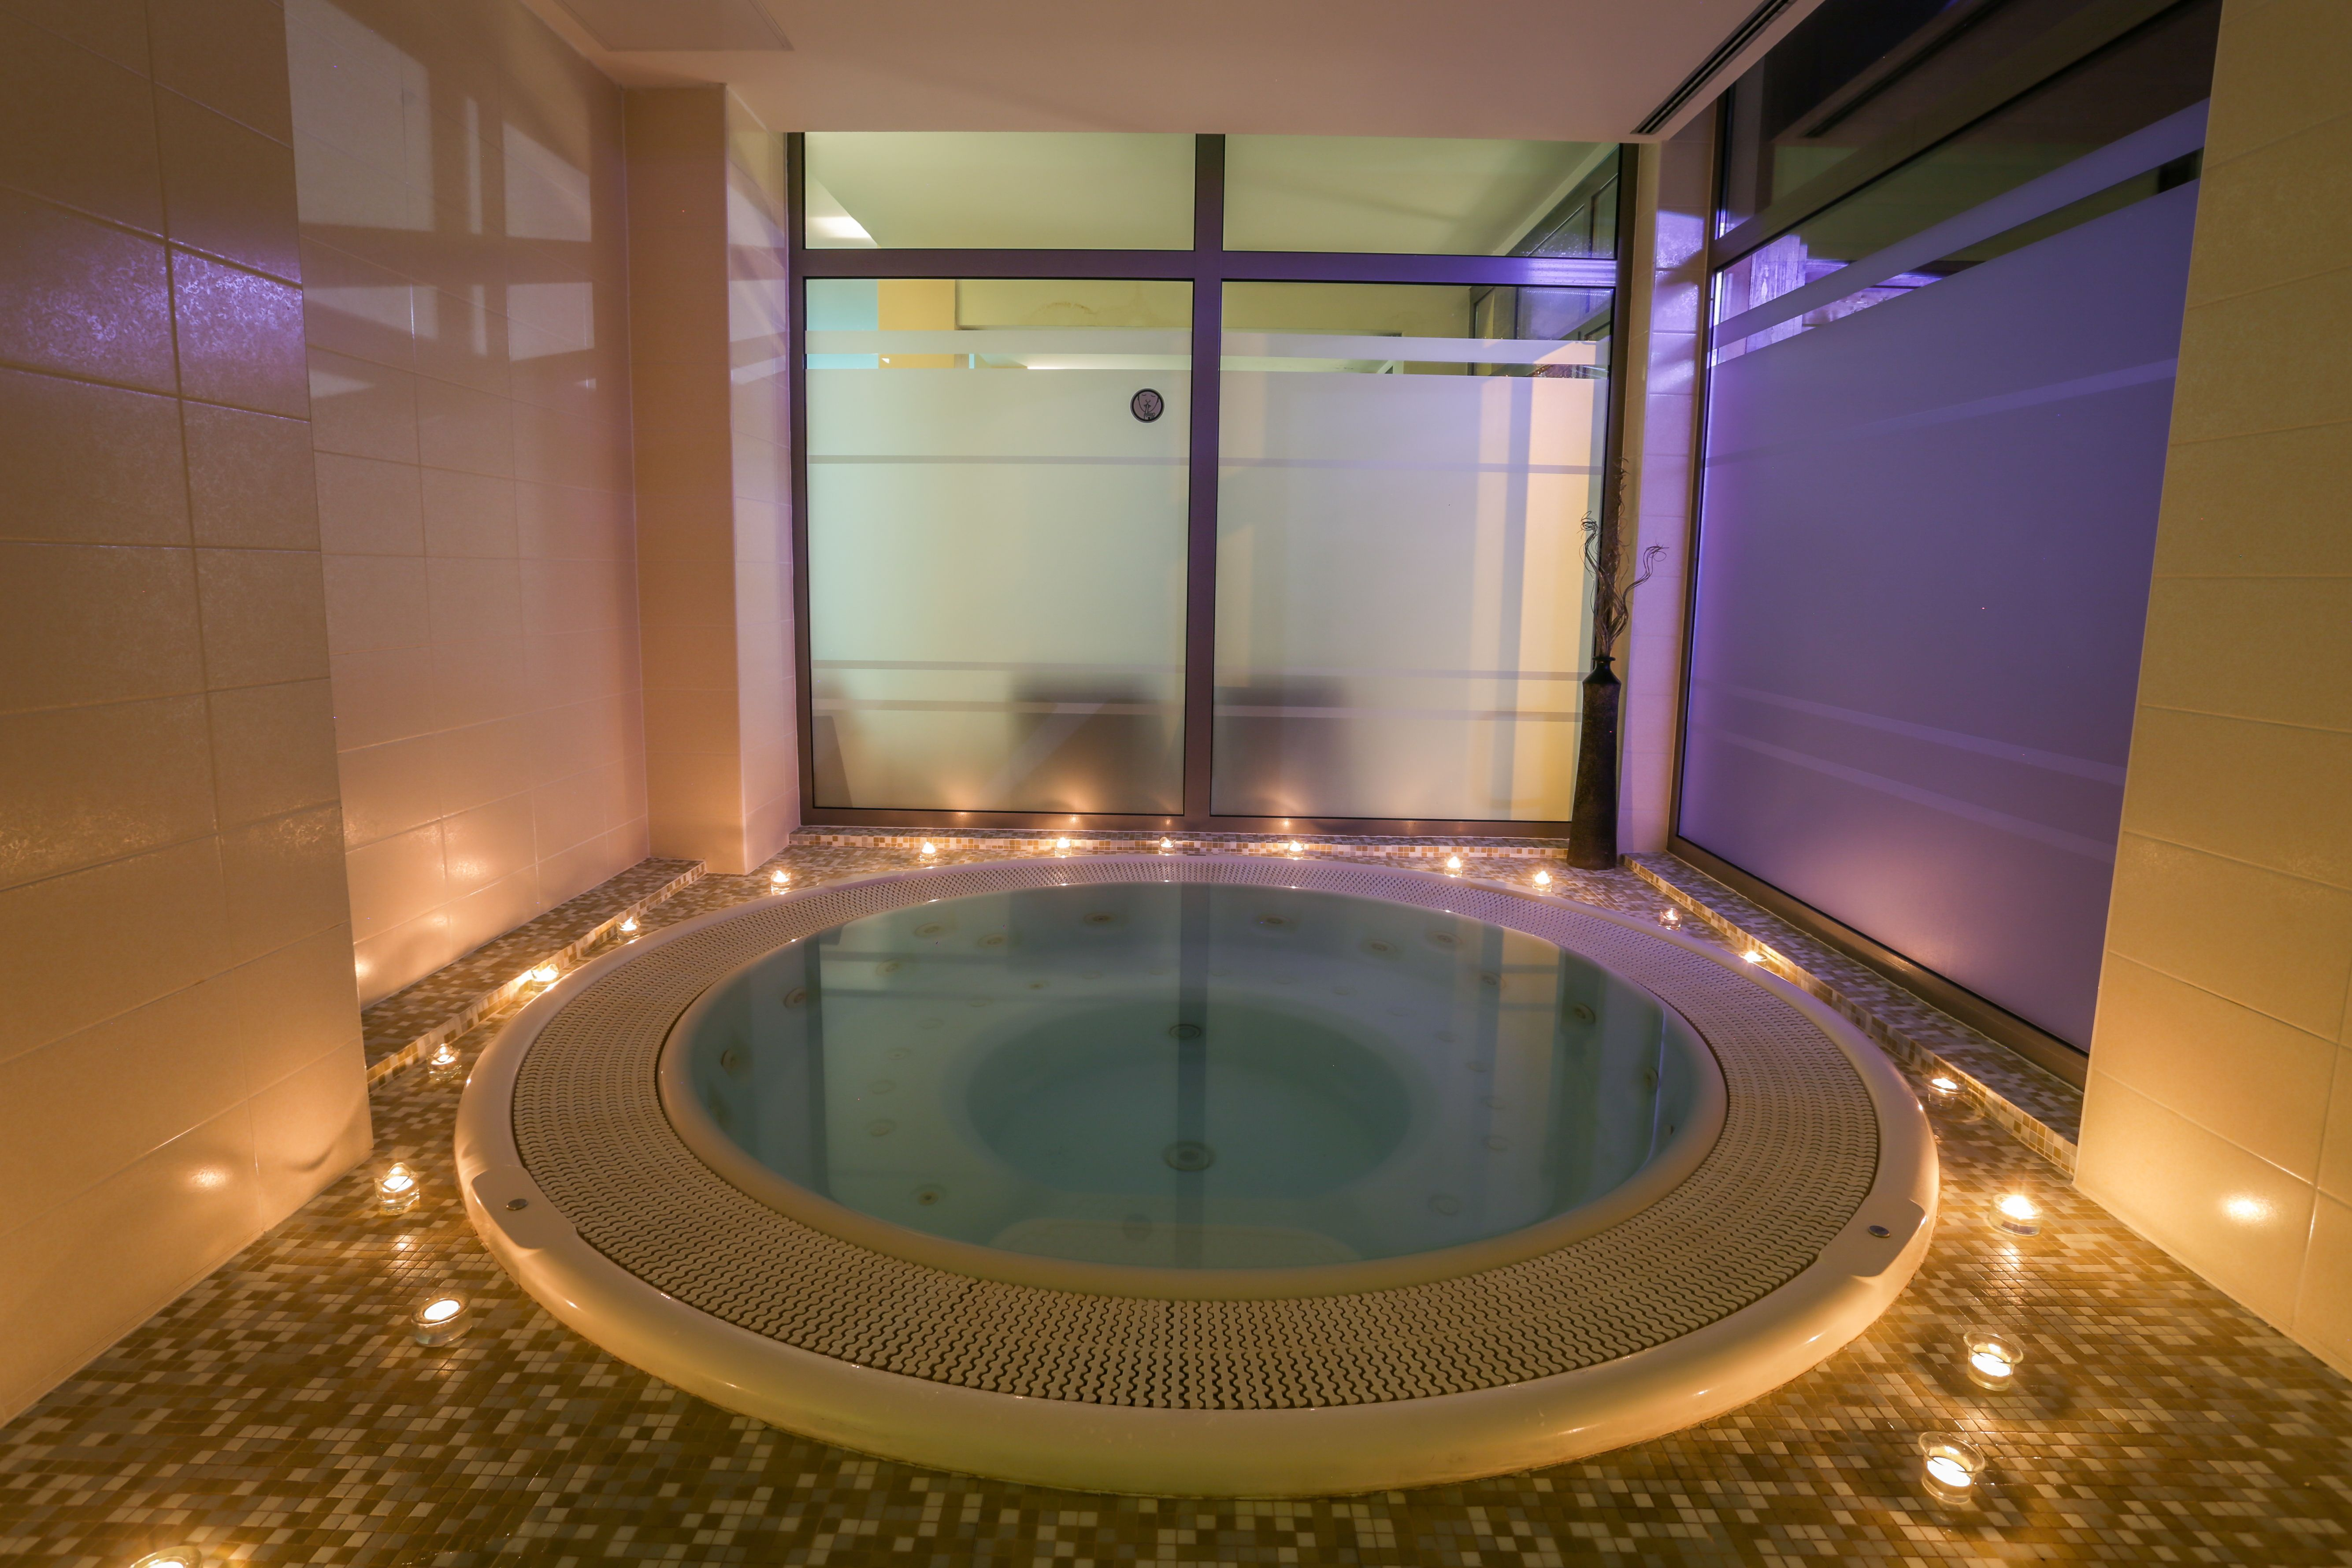 Wellness Za Dvoje Da Bi Vas Odmor Bio Potpun Na Usluzi Vam Stoji Strucno Osoblje Spa Wellness Centra Uz Koristenje Bazena Hotel Corner Bathtub Bathtub